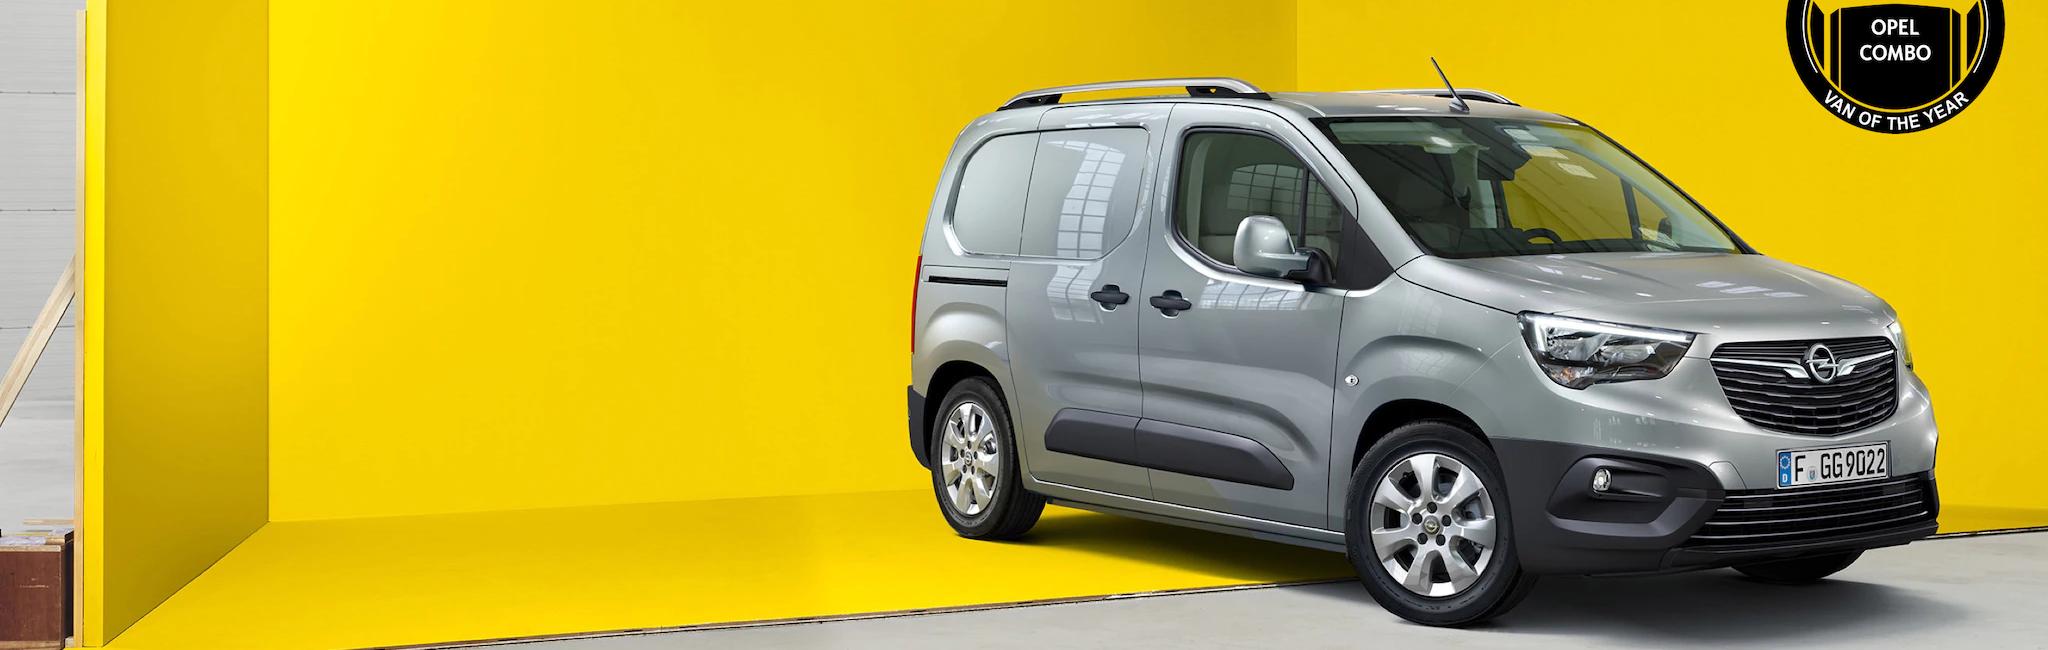 Opel_combo_cargo_exterior_VOTY_21x9_cmc19_e01_001